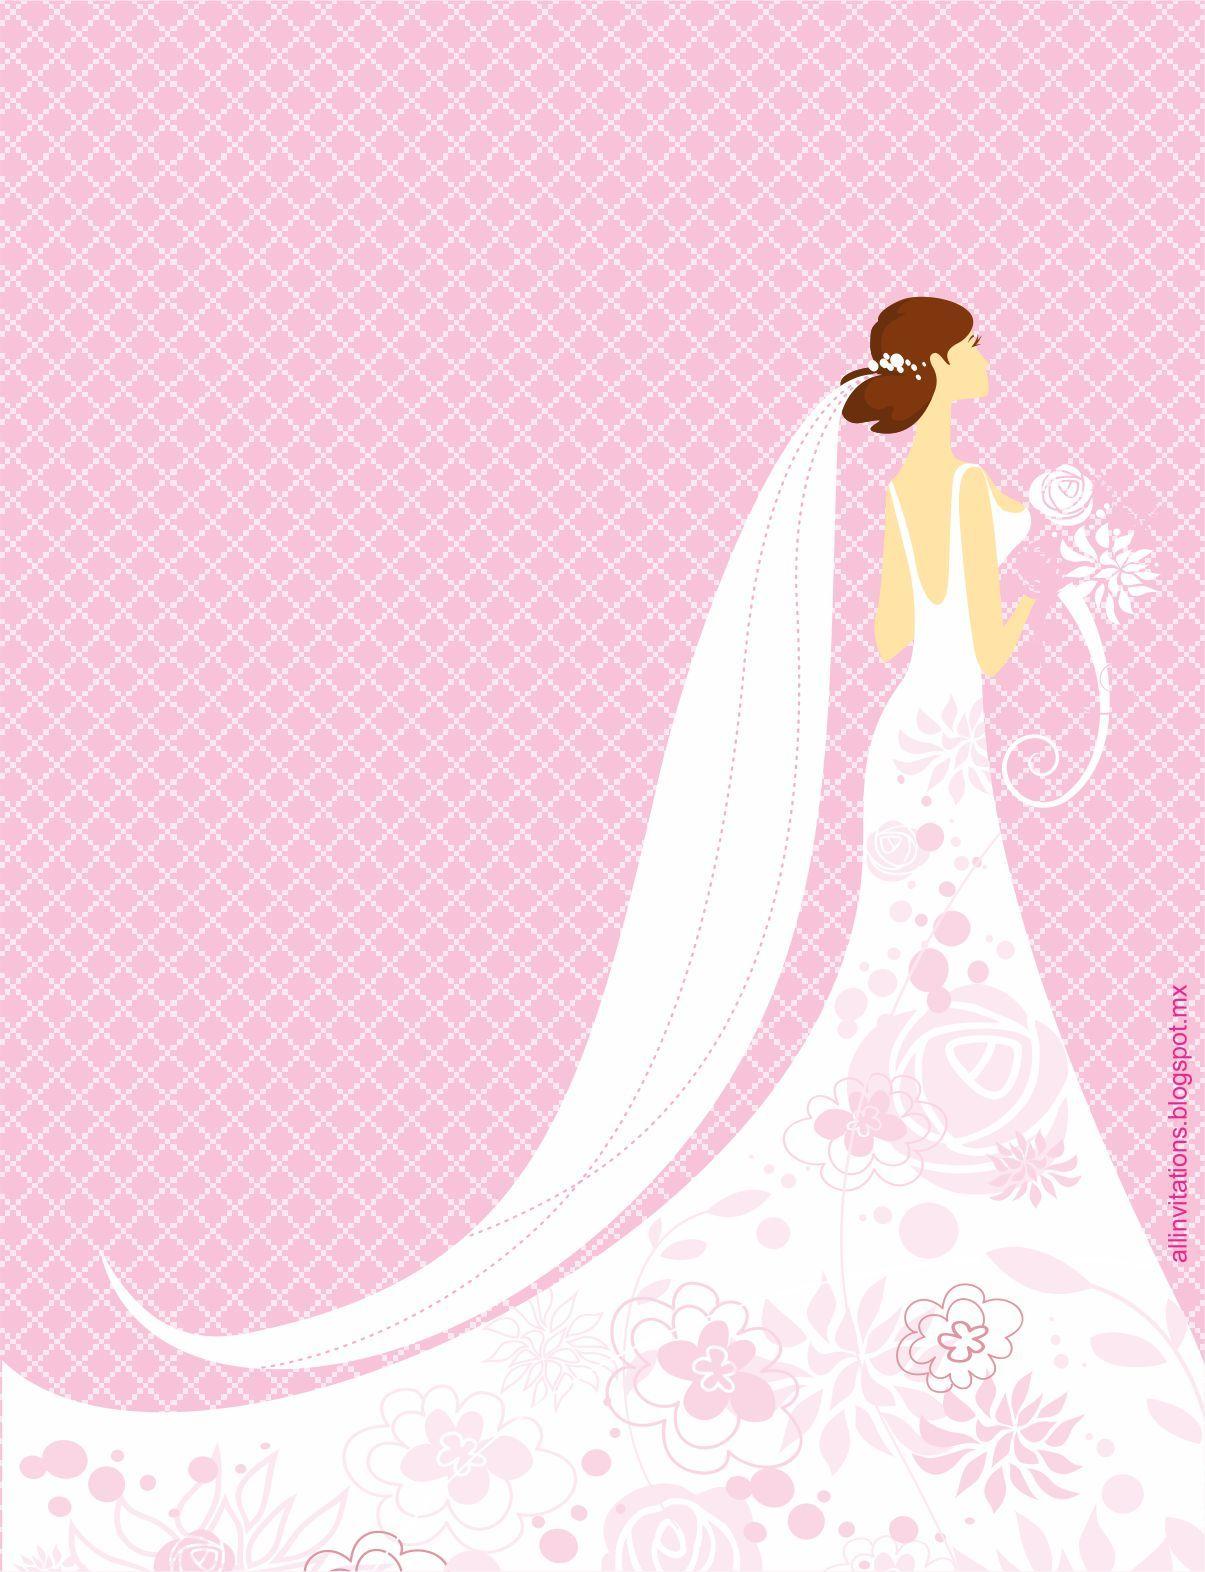 Invitación Despedida de Soltera con novia posando con vestido ...